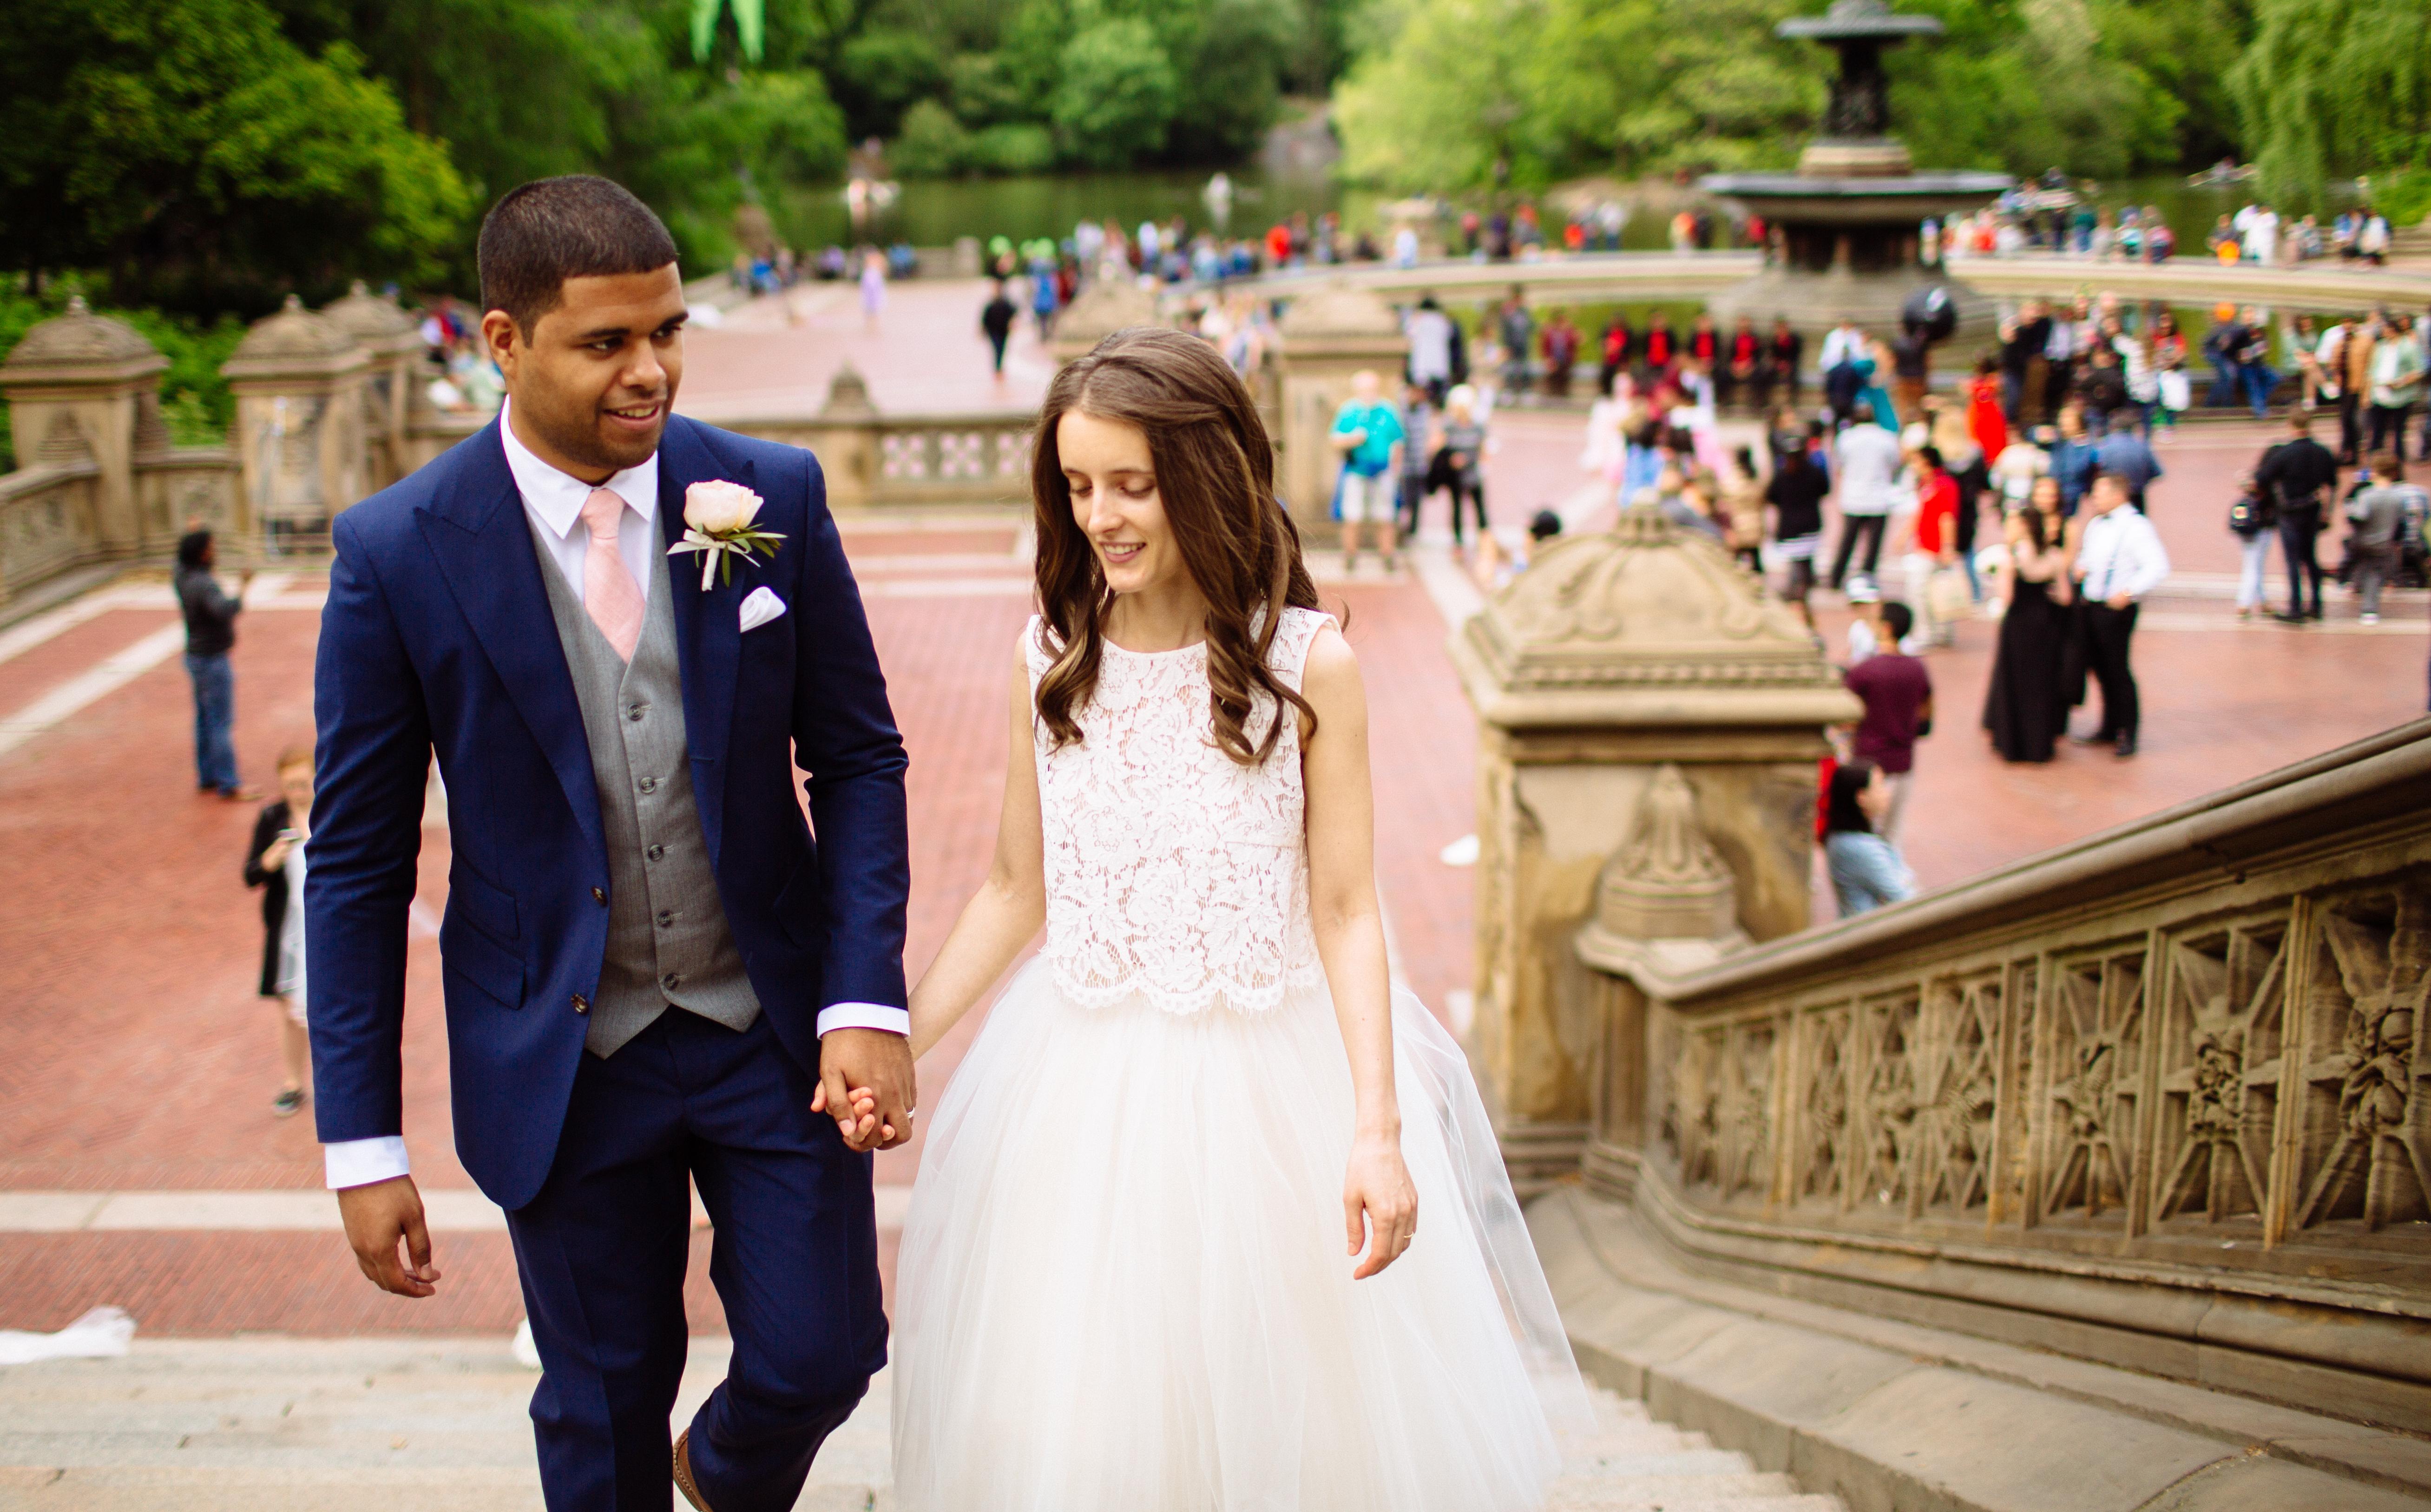 Central park Wedding Bethesda Fountain